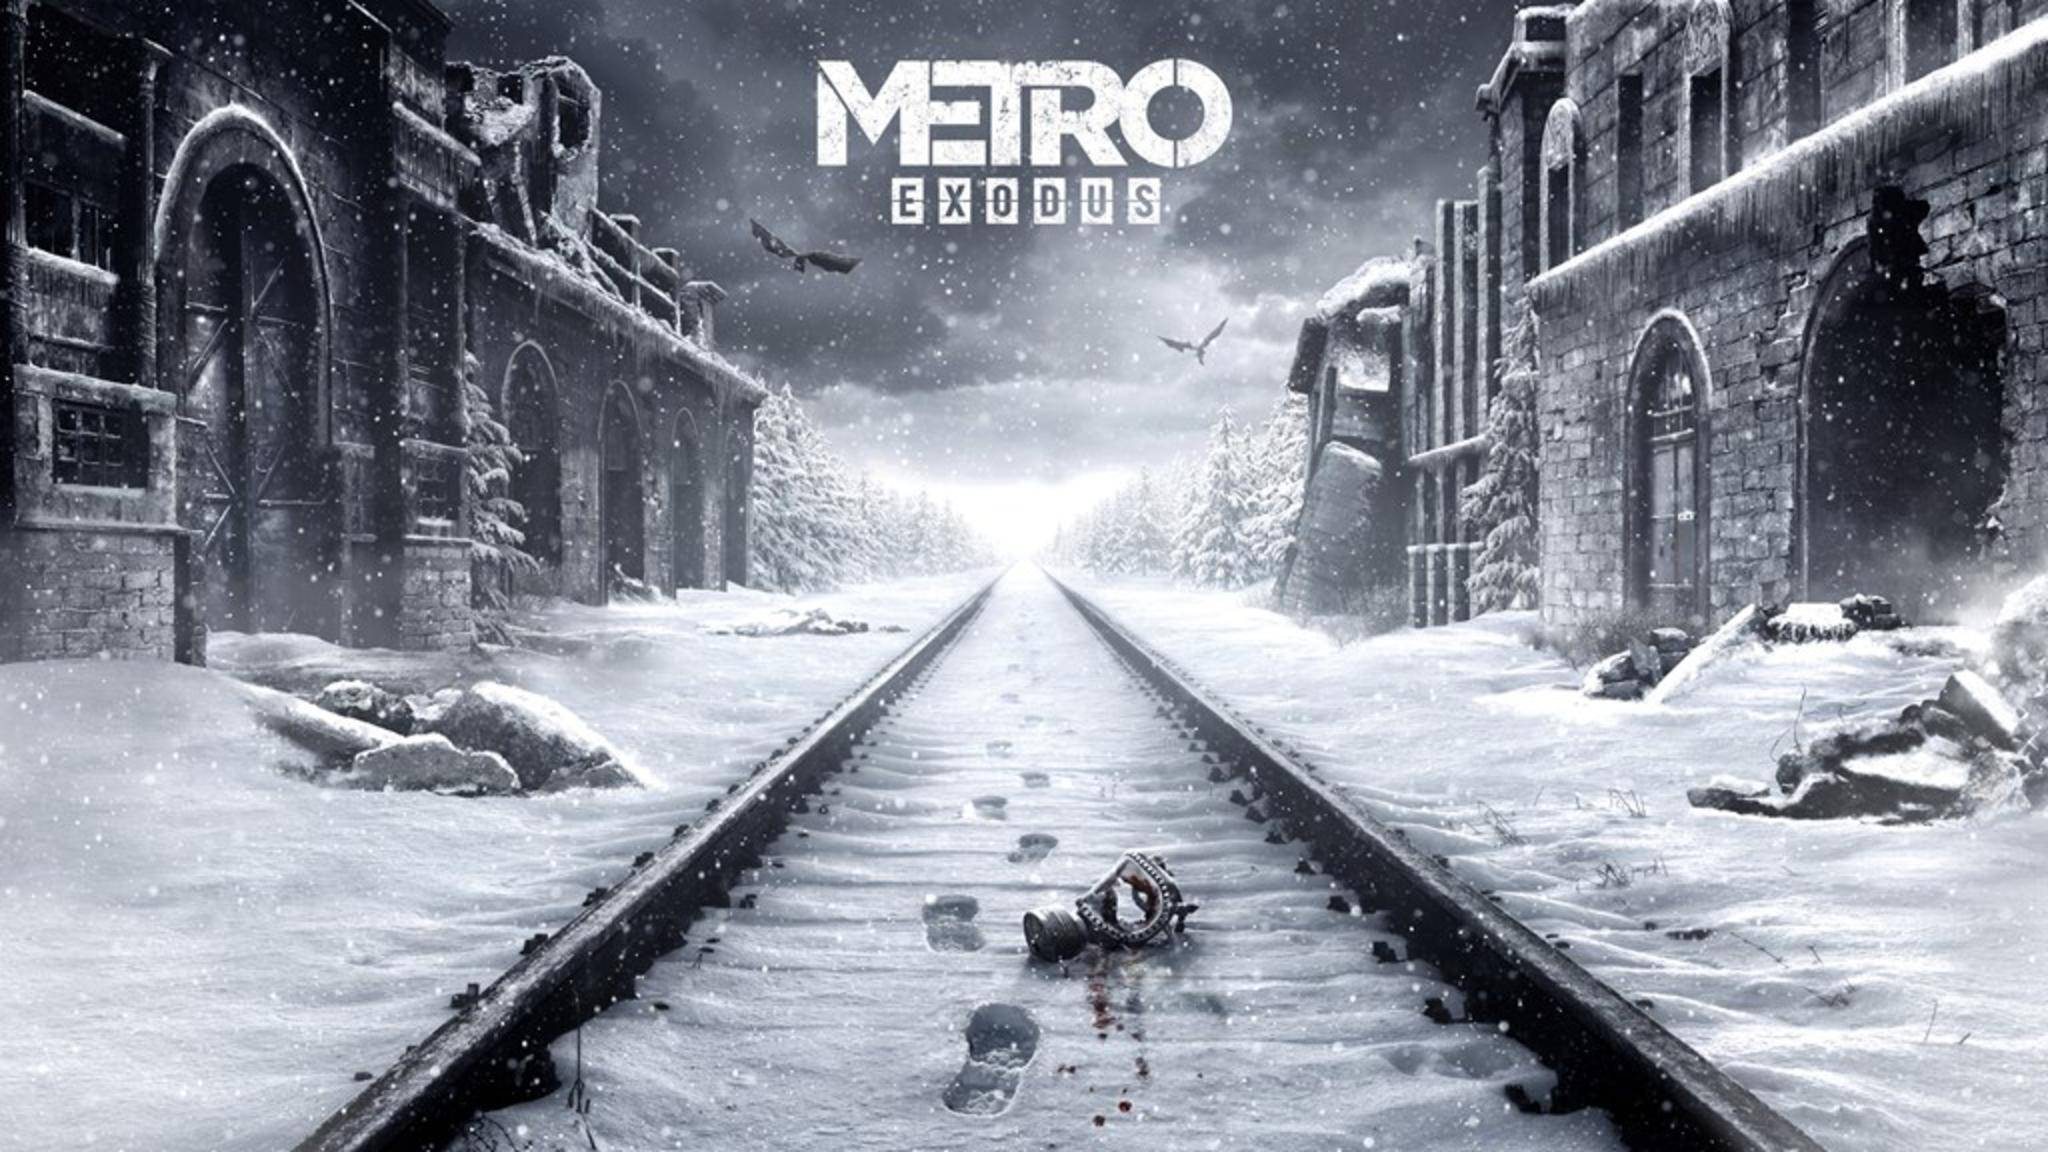 """So eiskalt, wie es hier im Bild aussieht, hat mich auch """"Metro Exodus"""" hängen lassen."""